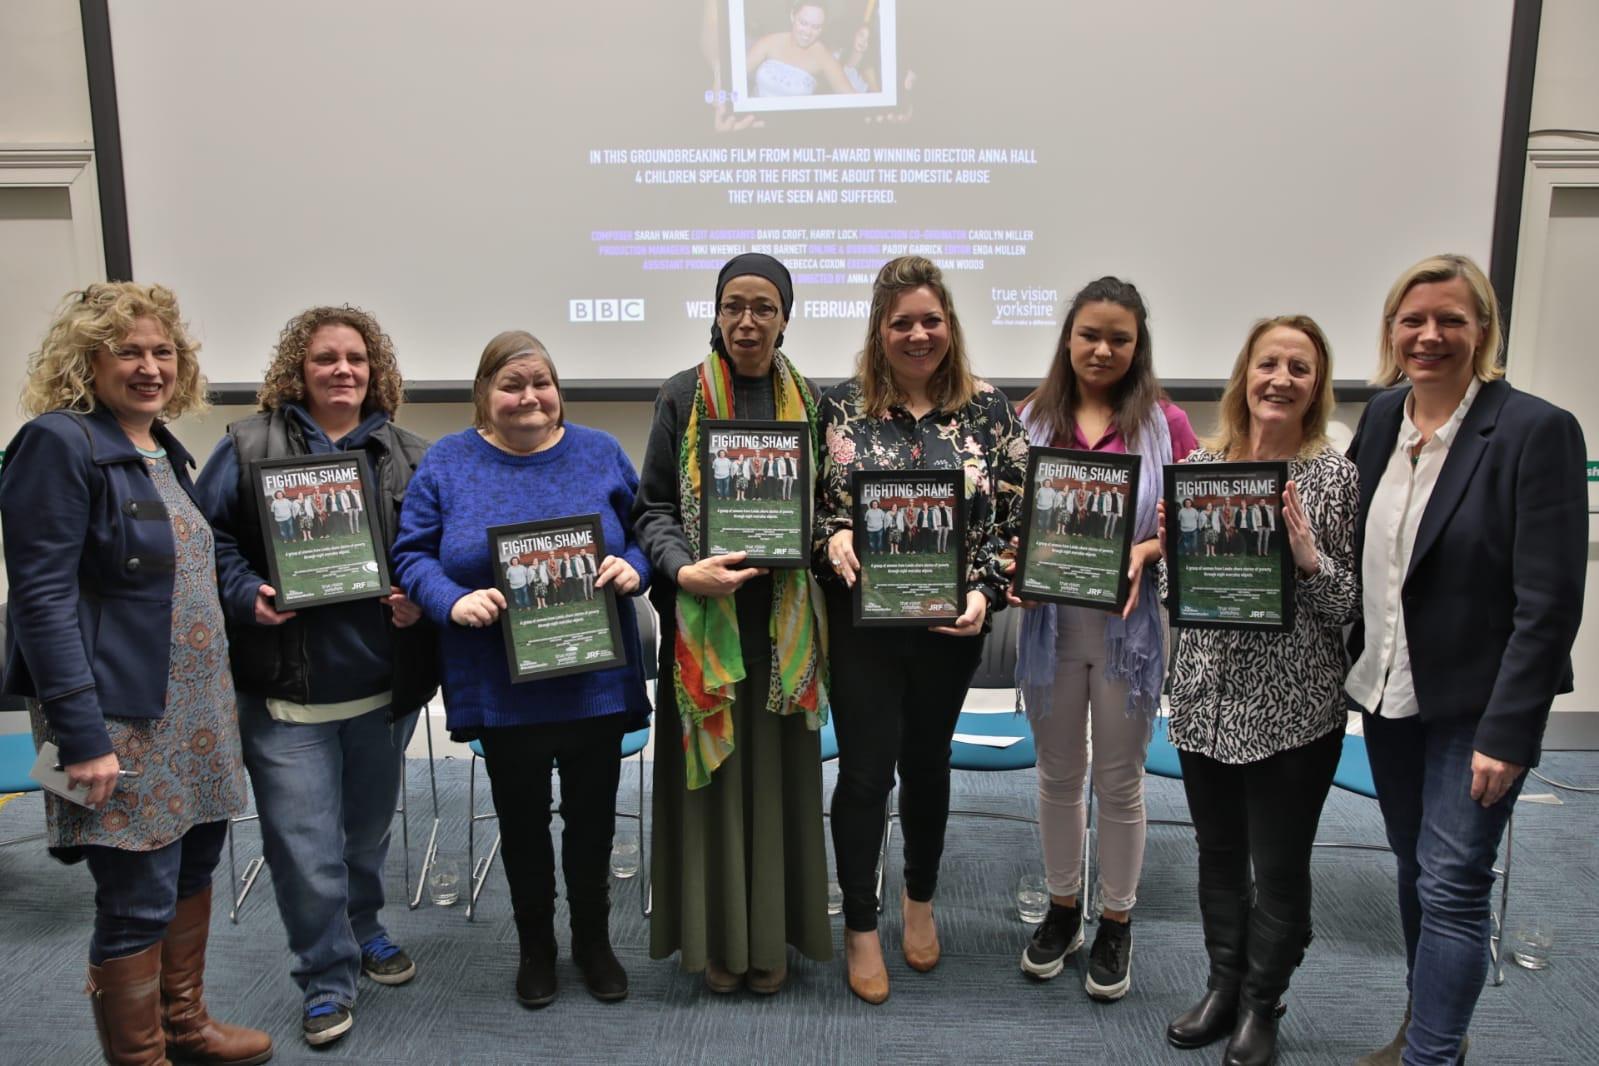 From left to right: Anna Hall, Sarah, Christine, Amina Senior, Sally Odgen, Amina Junior, Mary, Abigail Scott Paul